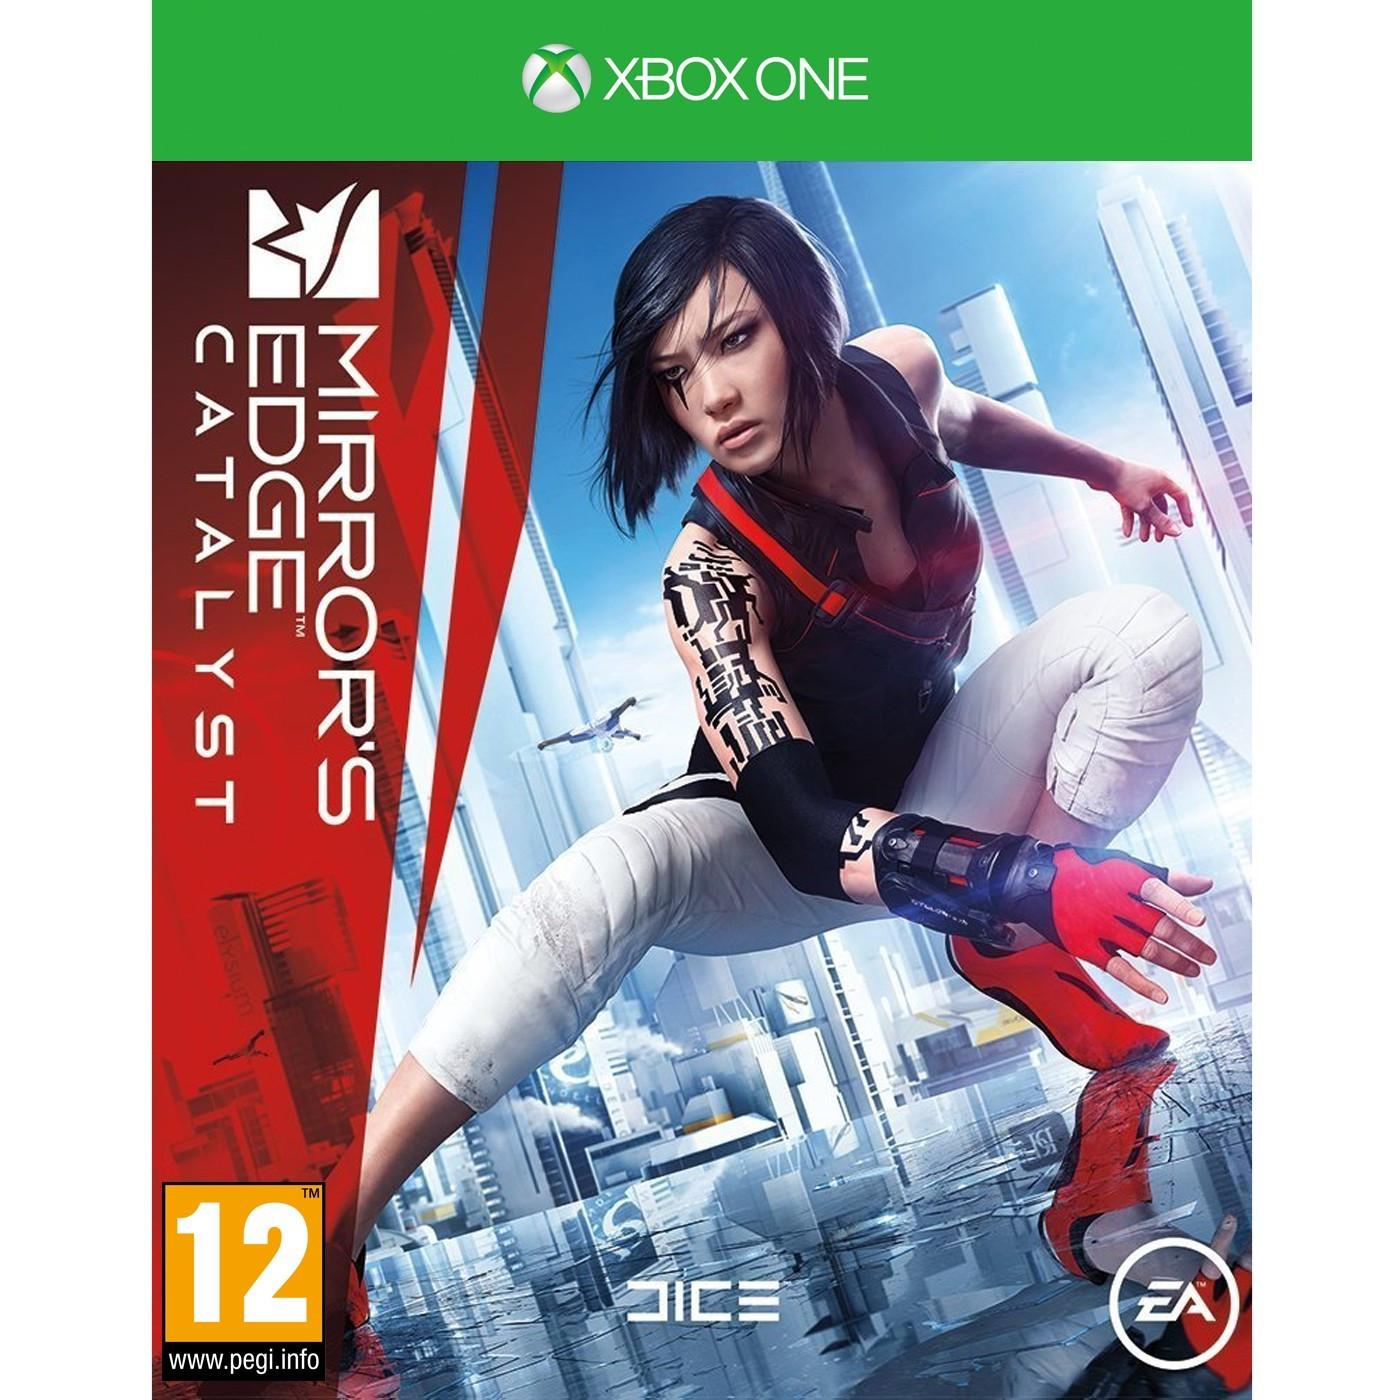 Mirror's Edge Catalyst (Xbox ONE) - Lillesand  - Spillet er lite brukt og kommer med originalkvittering  Kan sendes  Trailer: https://www.youtube.com/watch?v=5GBVMGXXFMw - Lillesand